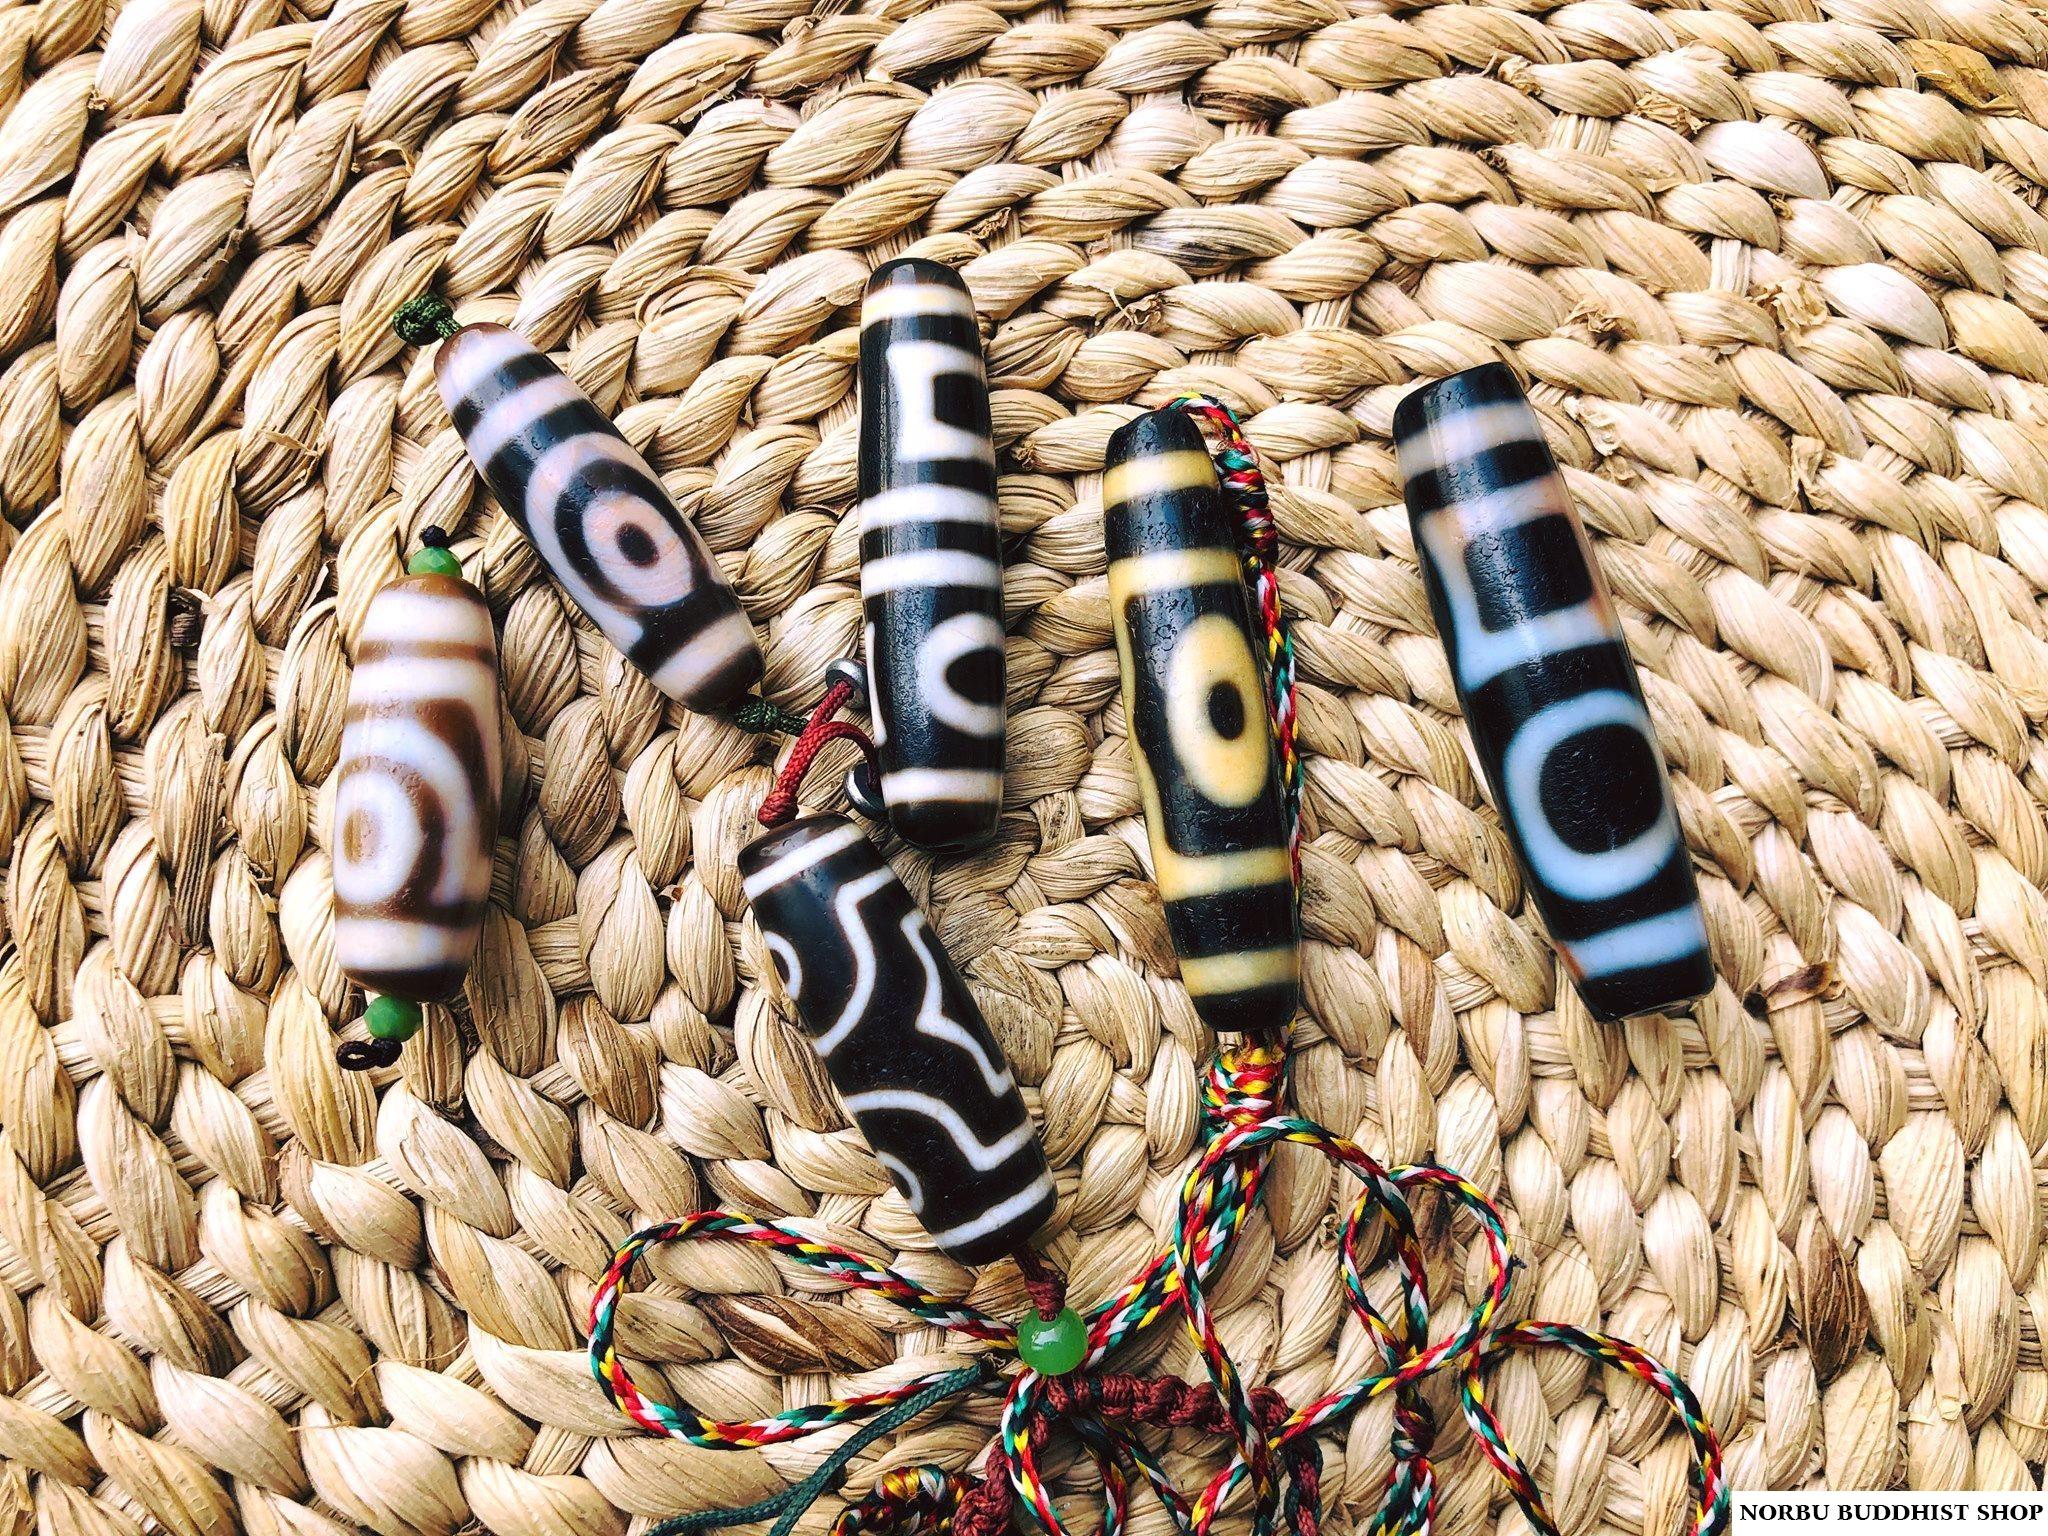 New dzi bead - dzi mới có thực sự là lựa chọn tốt nhất cho người sưu tầm? 3